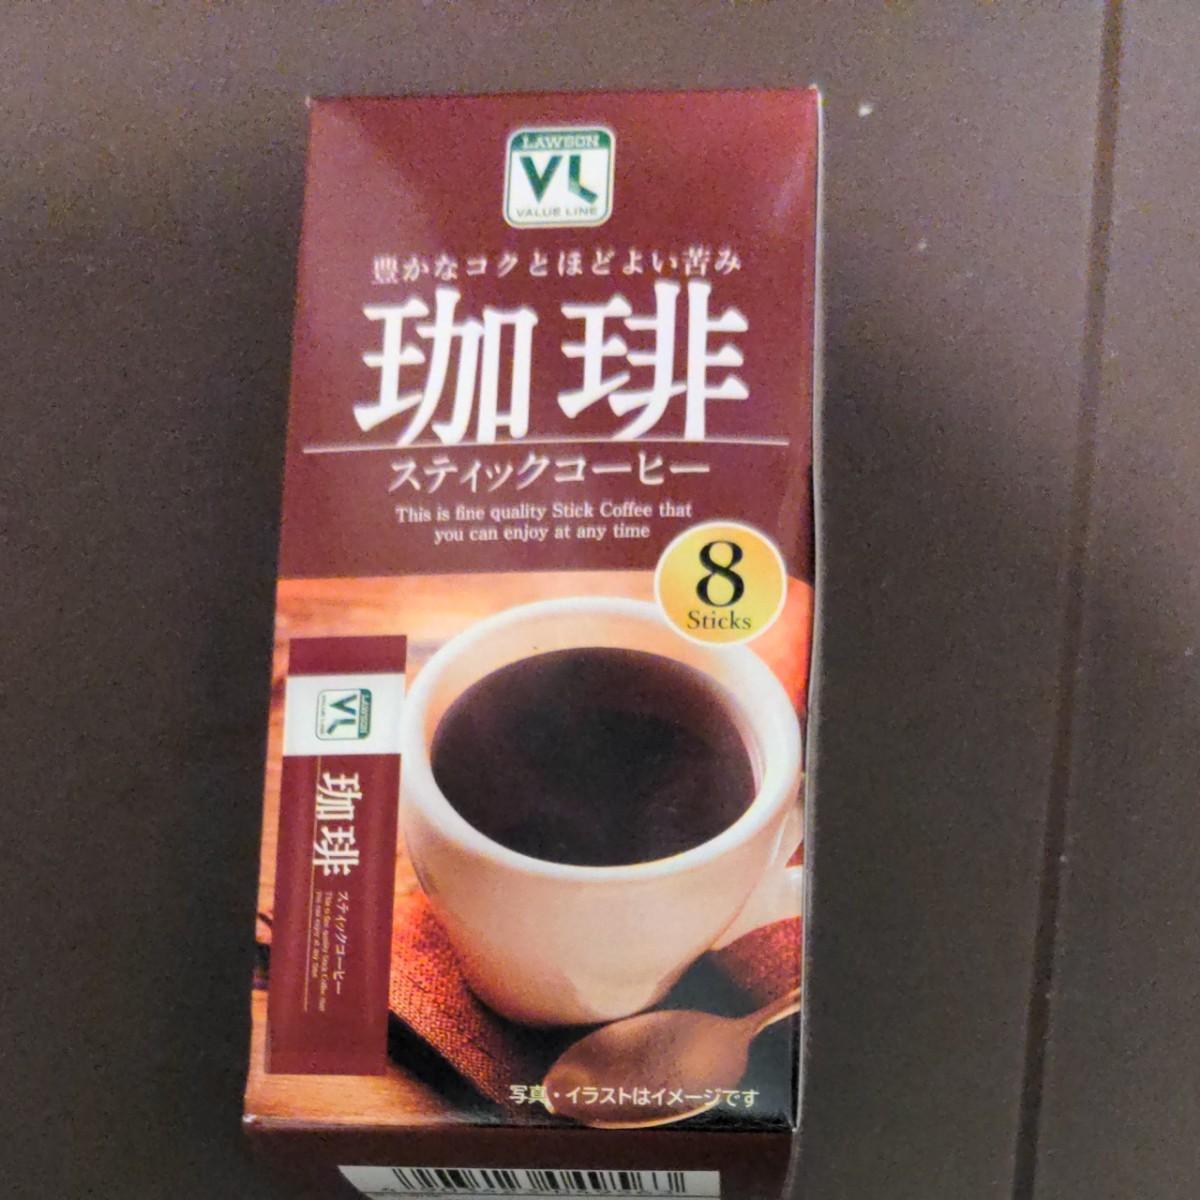 VL スティックコーヒー